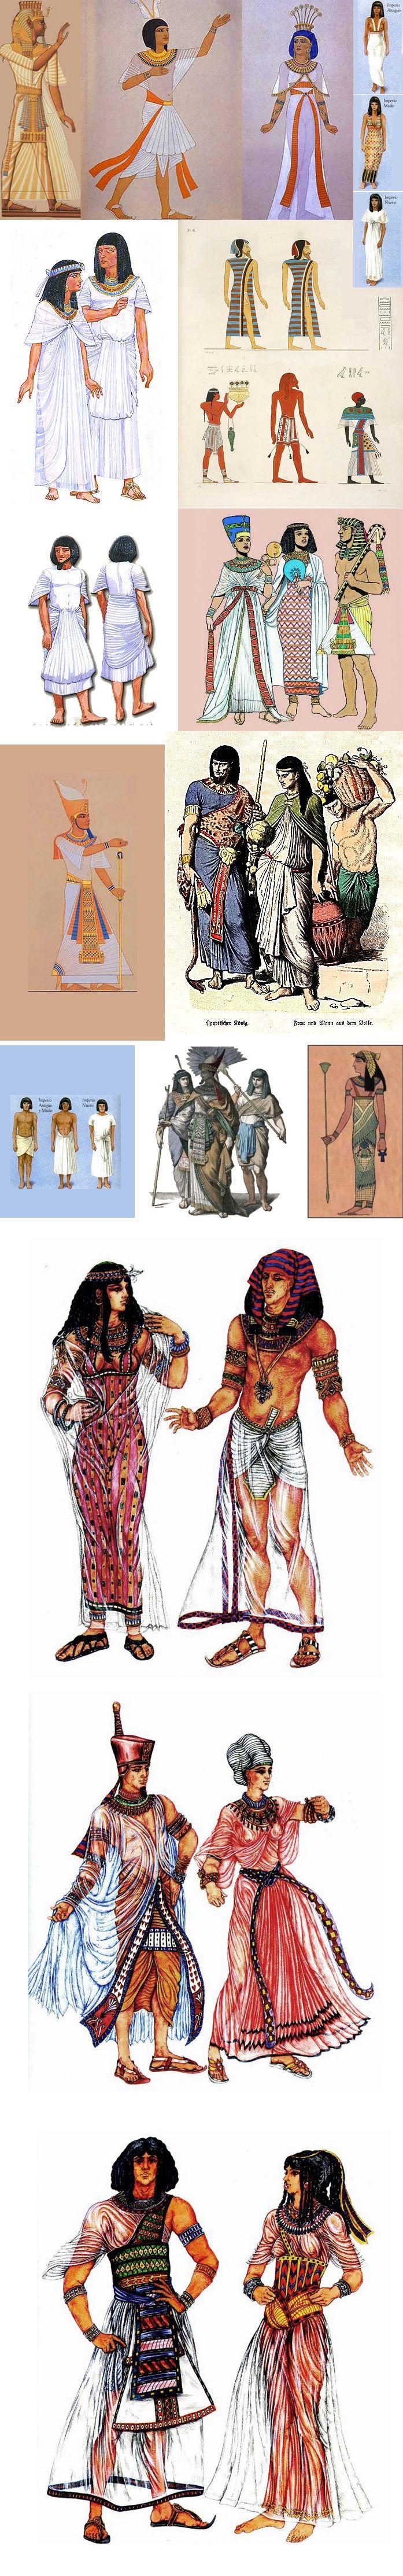 Egypt, egyptian, pharaoh, queen